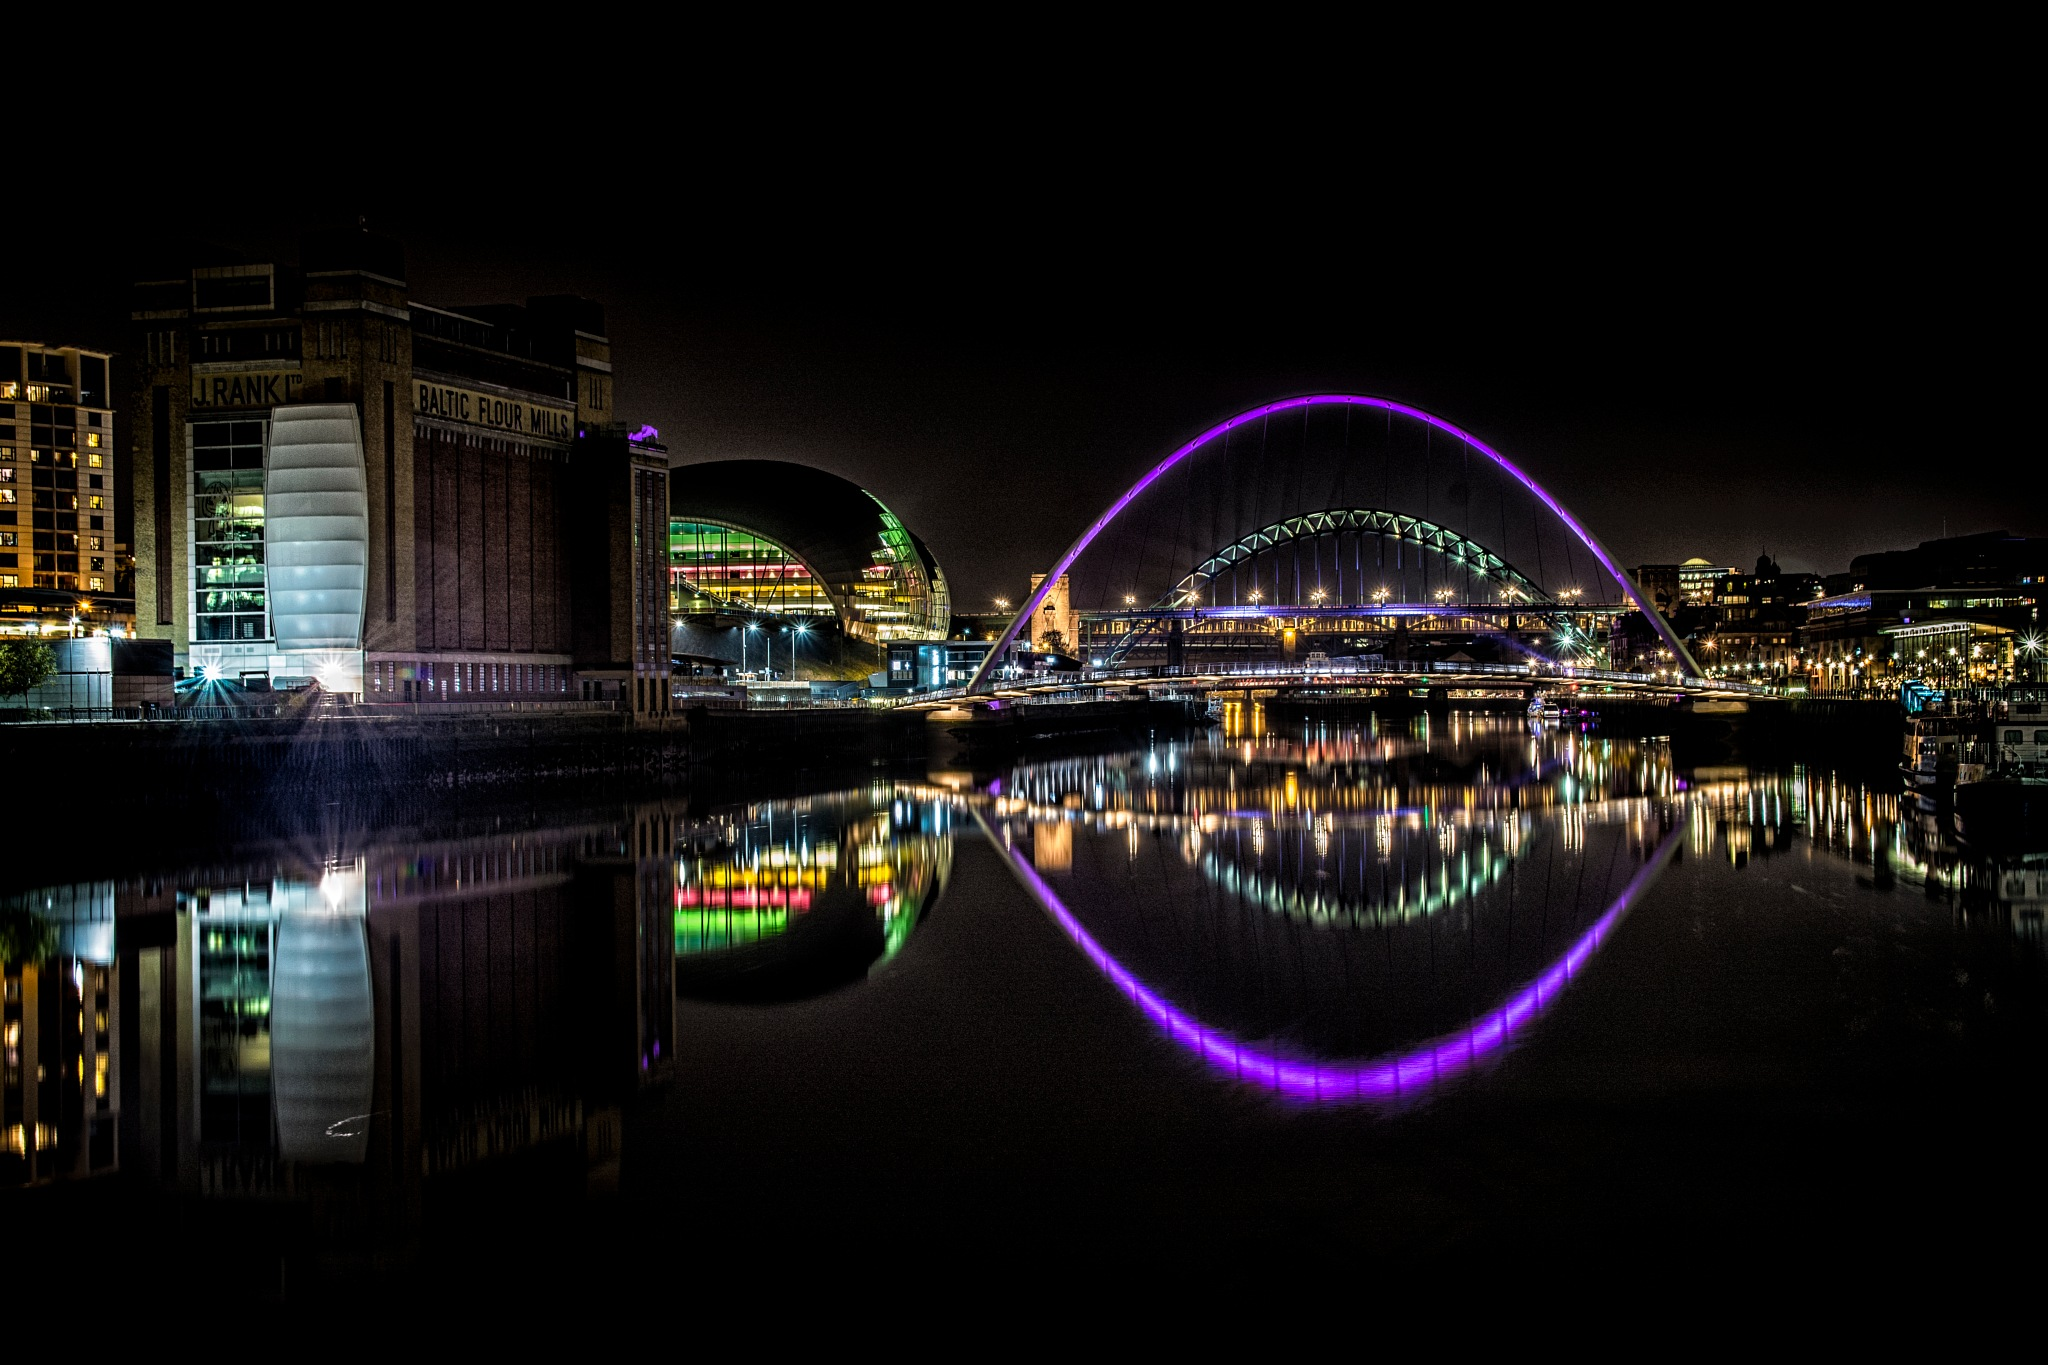 Evening Tyne by Ian Millar